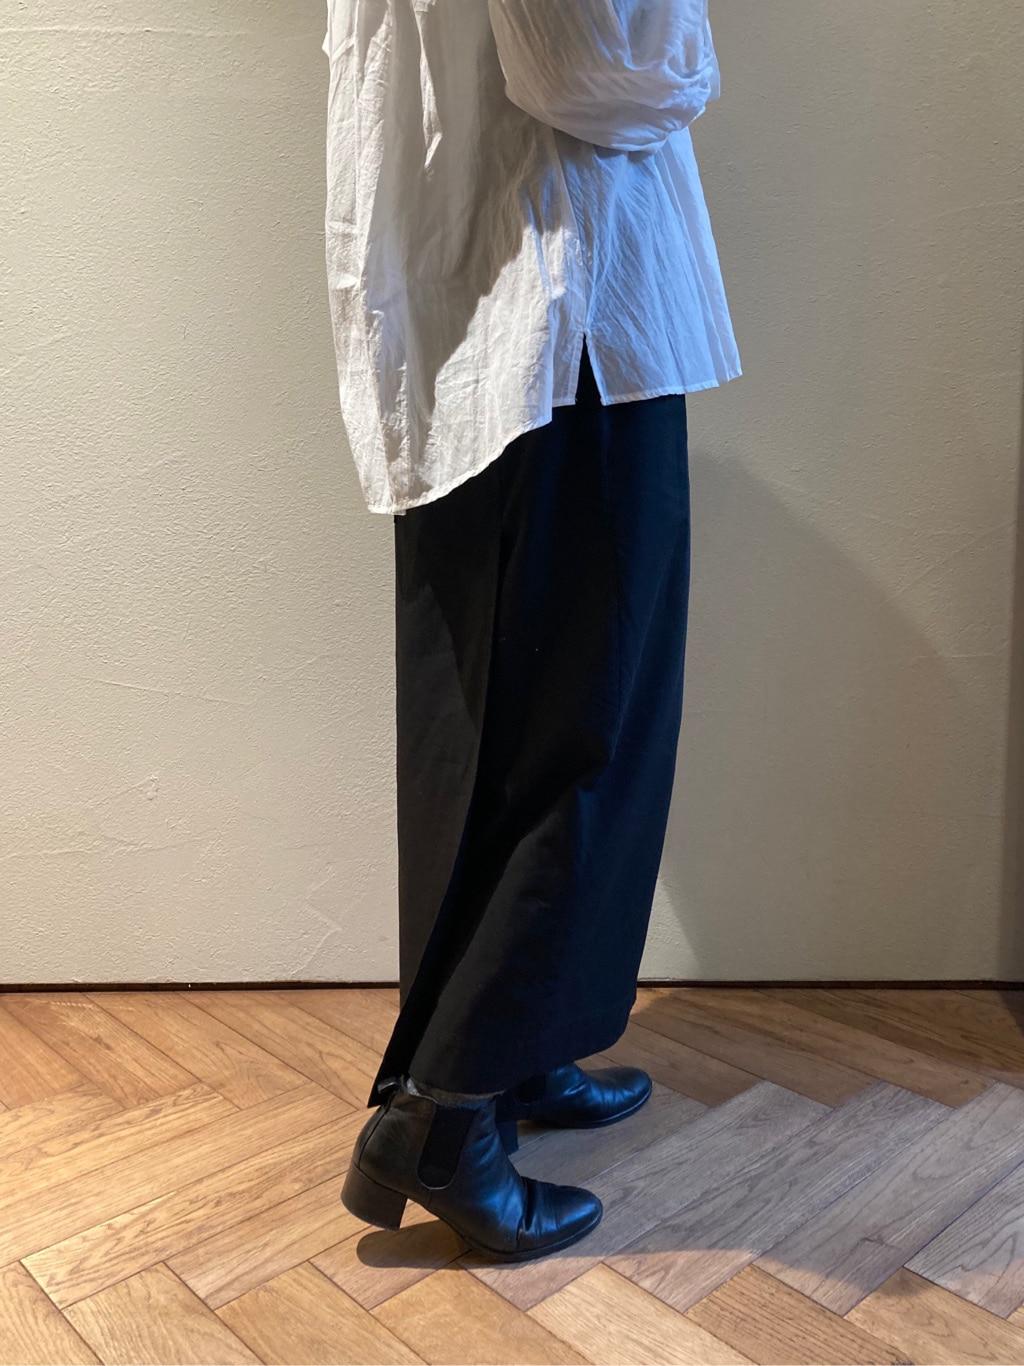 yuni 京都路面 身長:152cm 2021.03.01